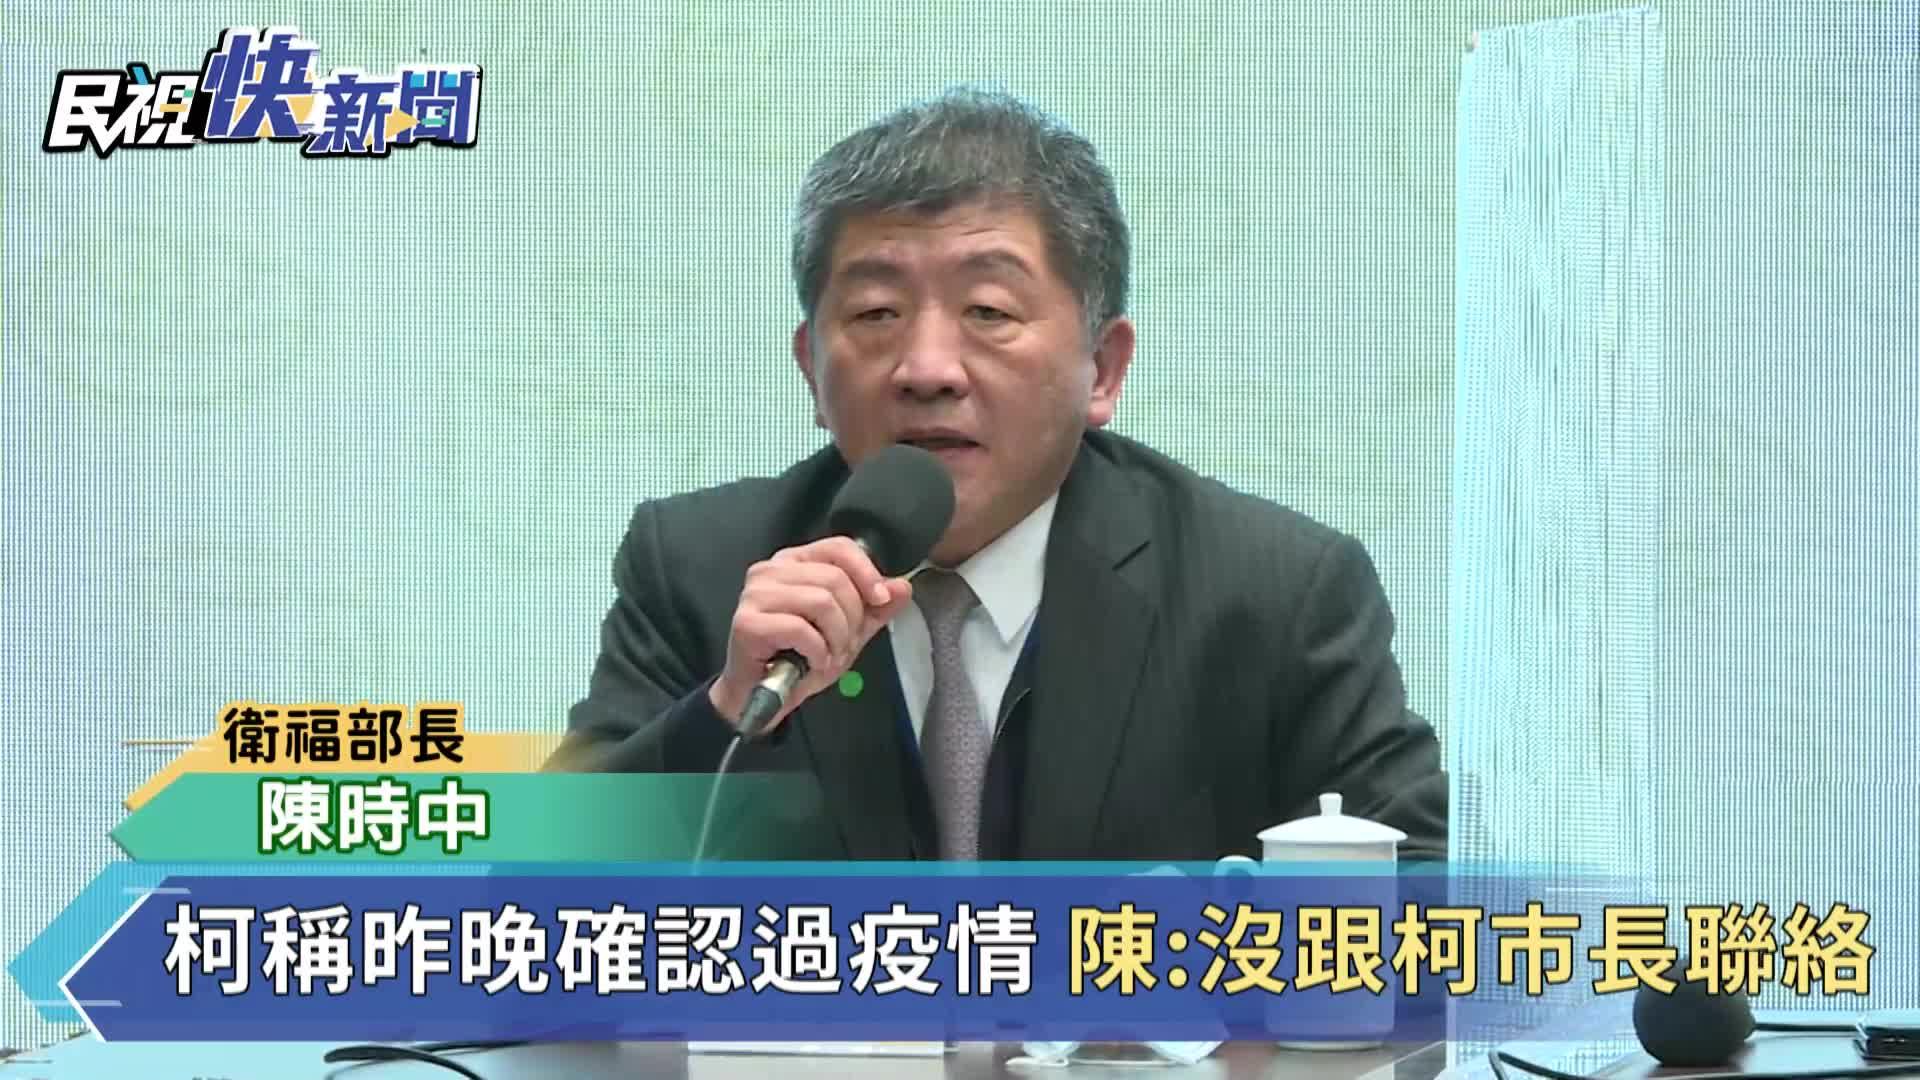 快新聞/柯文哲稱昨晚確認過疫情狀況 陳時中:沒跟柯市長聯絡